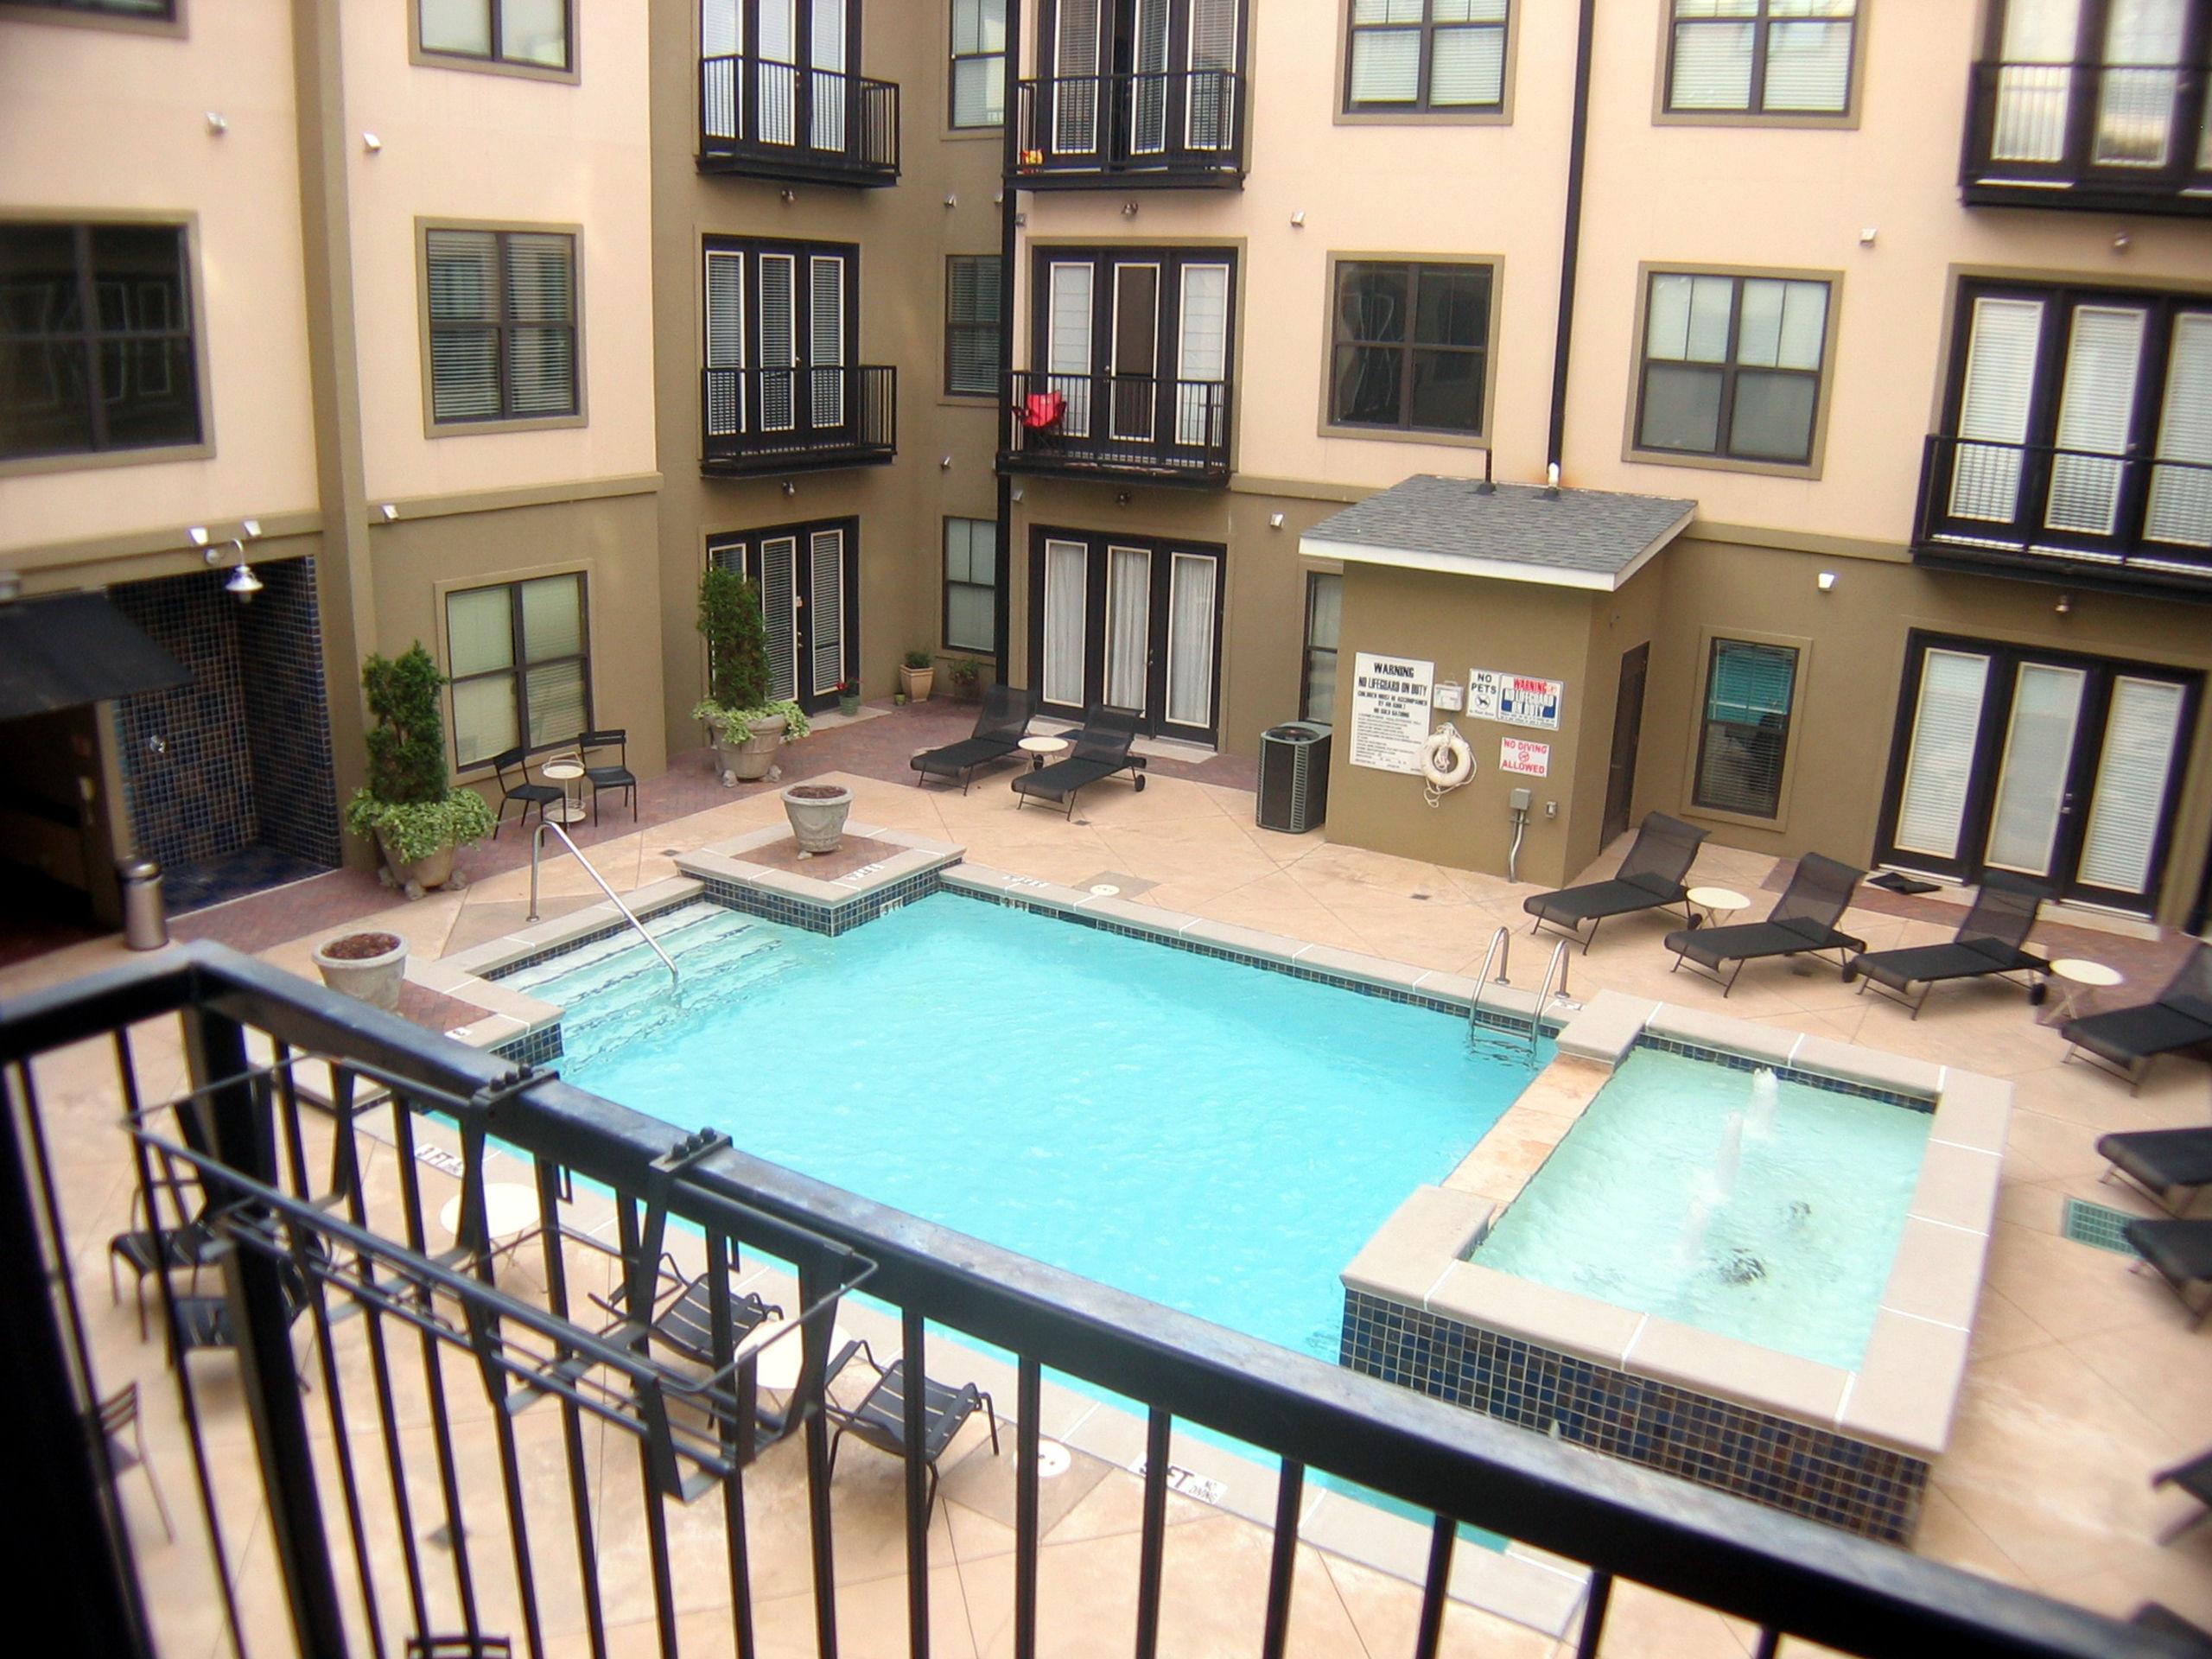 A nice pool view!